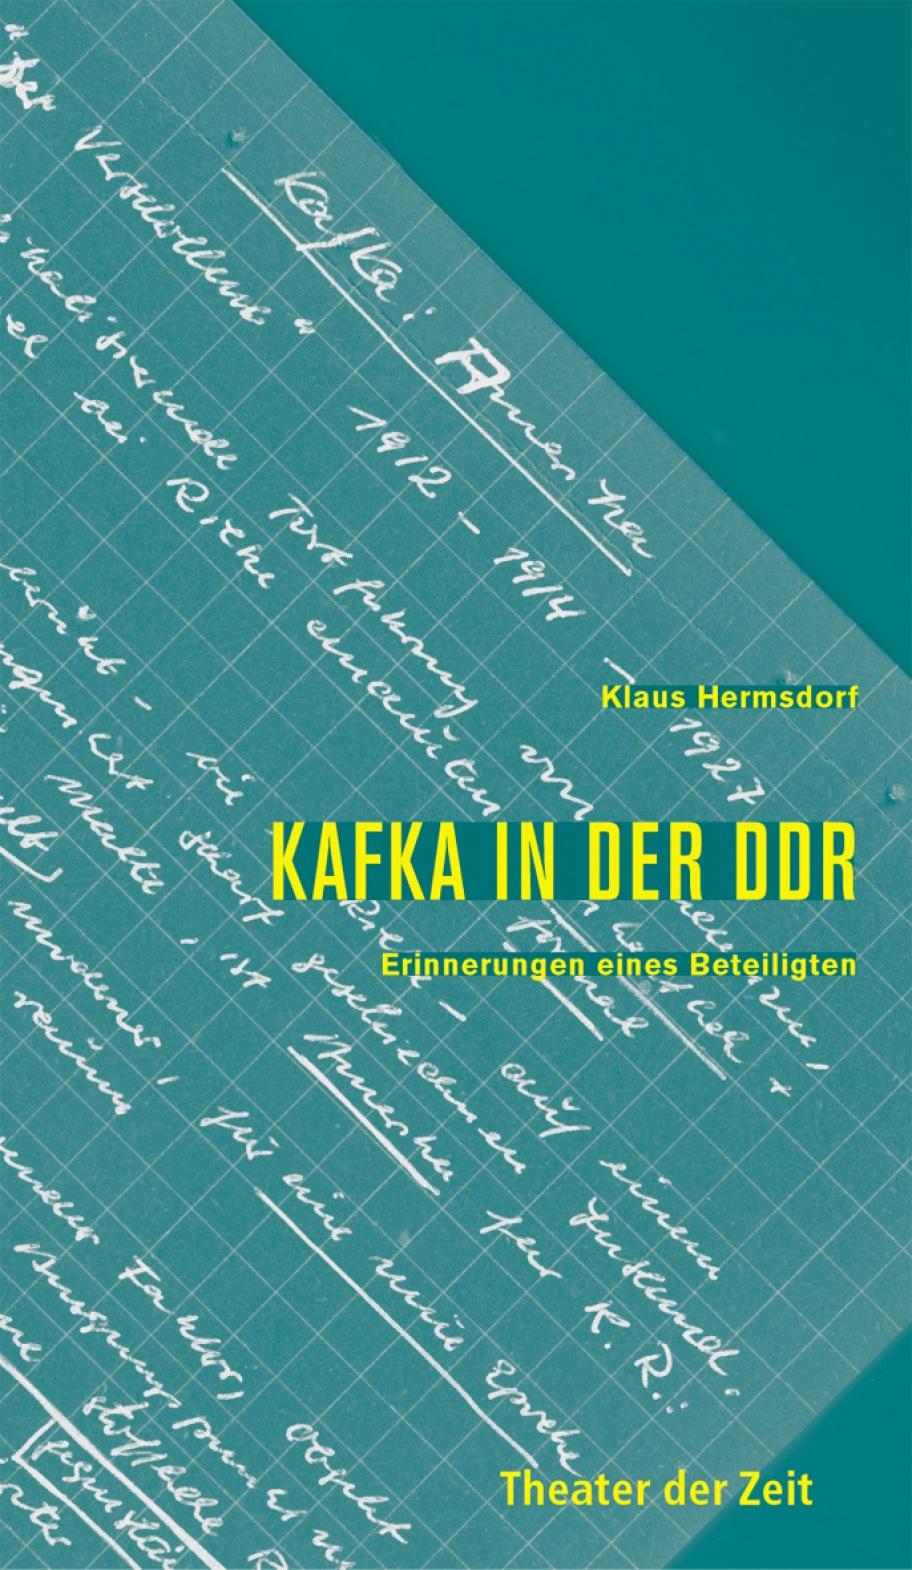 Klaus Hermsdorf: Kafka in der DDR